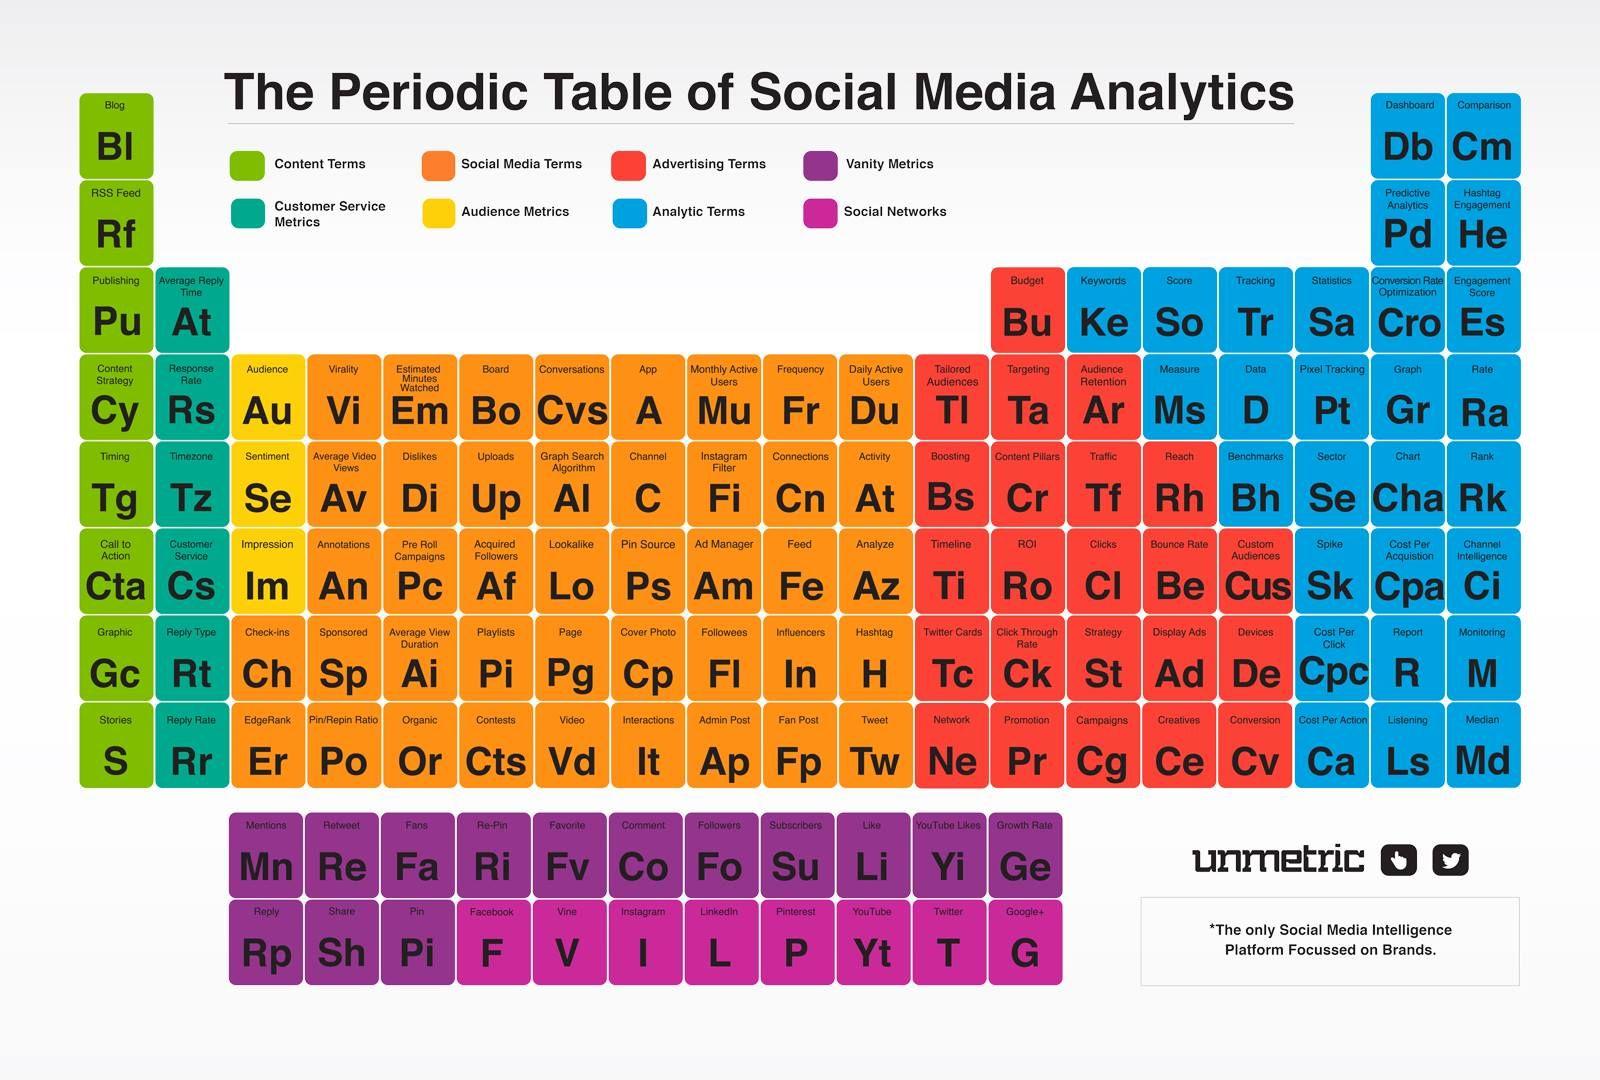 Tabla periódica del social media | Comunicación | Pinterest | Tabla ...